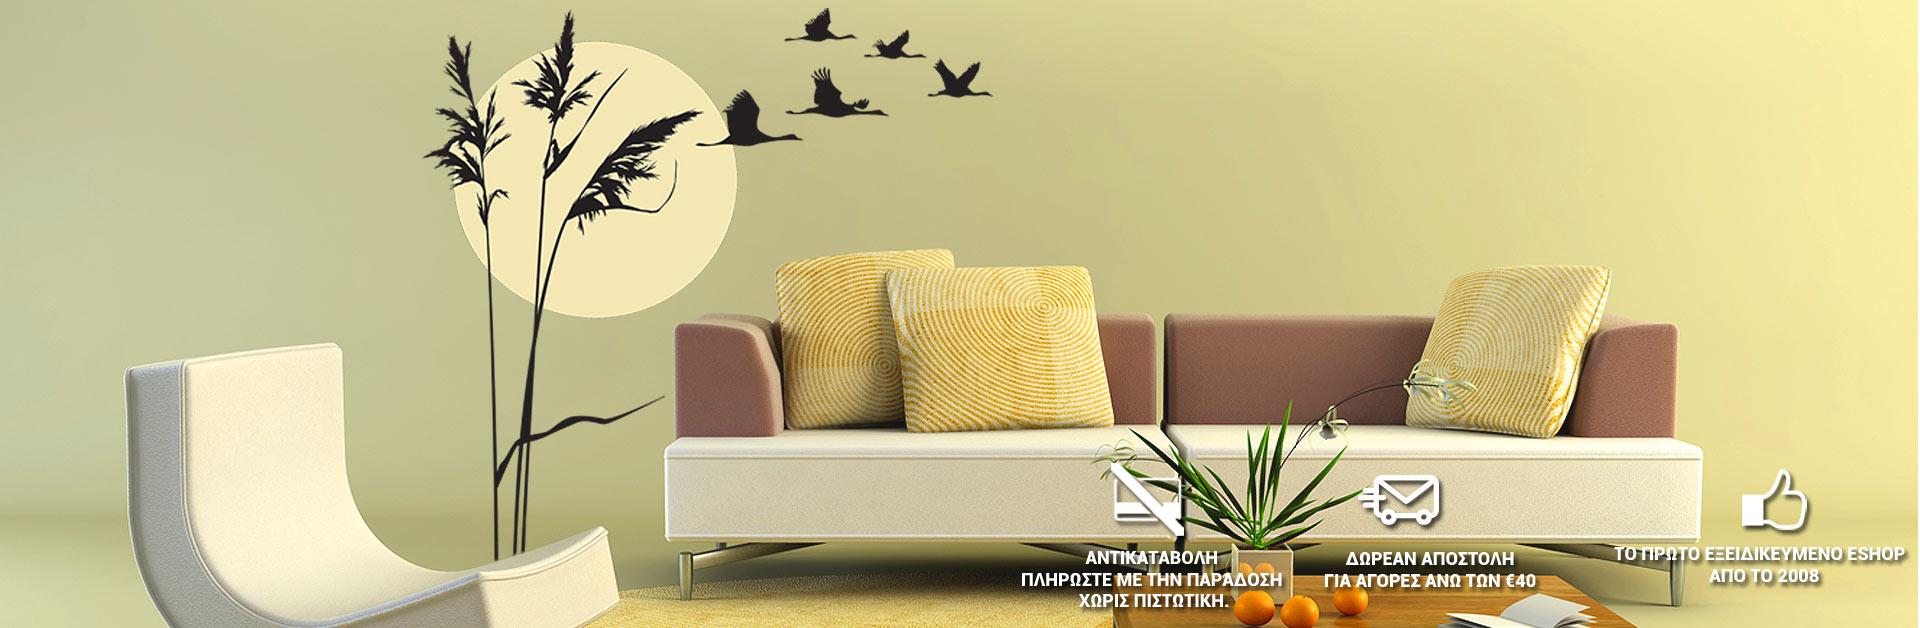 Αυτοκόλλητα τοίχου για το σαλόνι την κρεβατοκάμαρα και όλους τους χώρους στο σπίτι και το γραφείο.